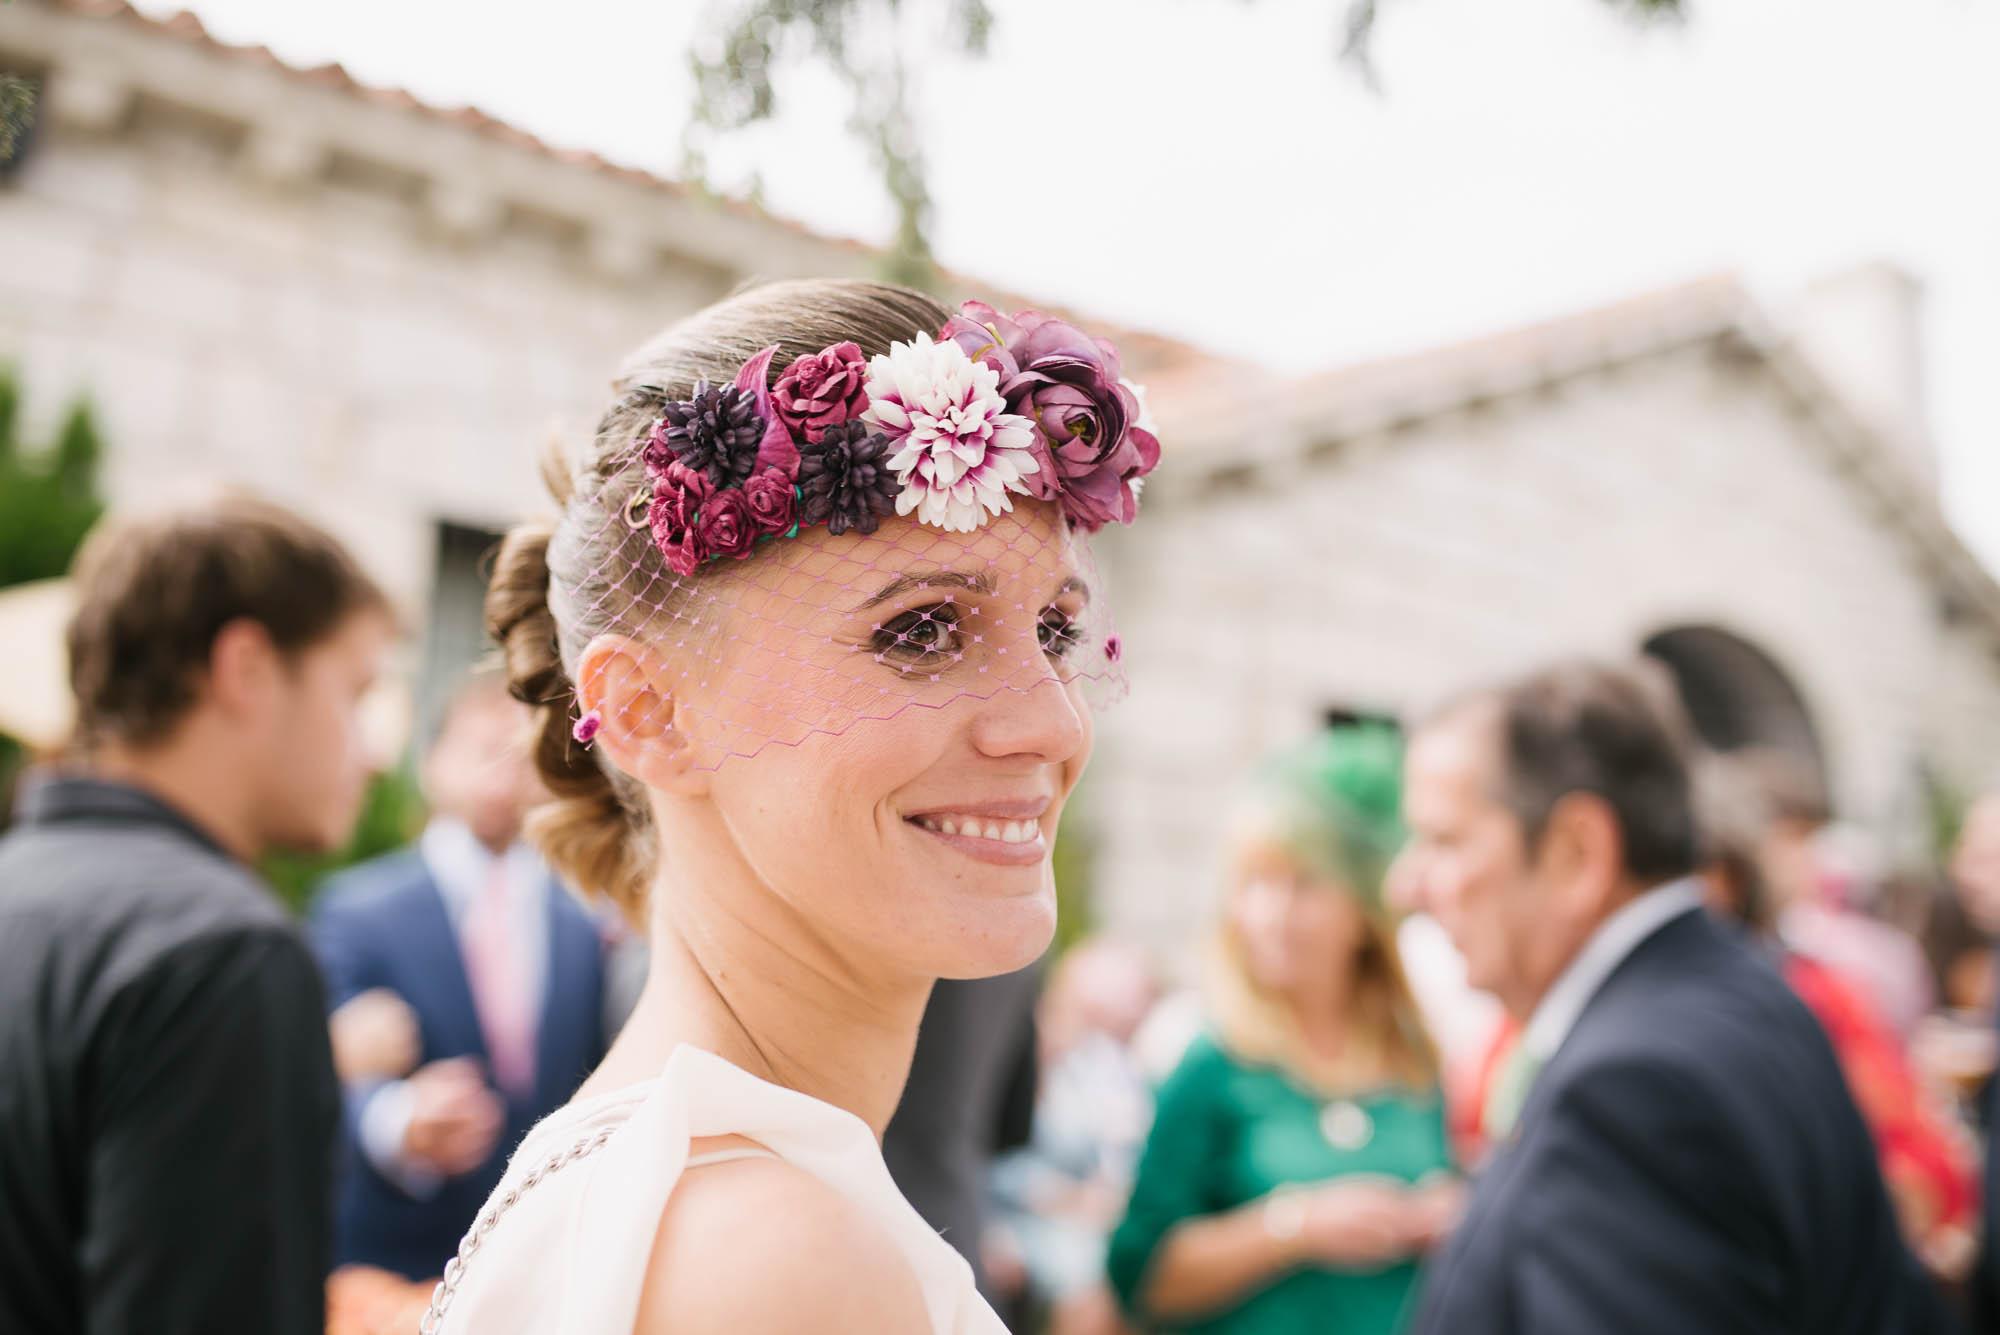 Invitada con elegante tocado de flores rosas